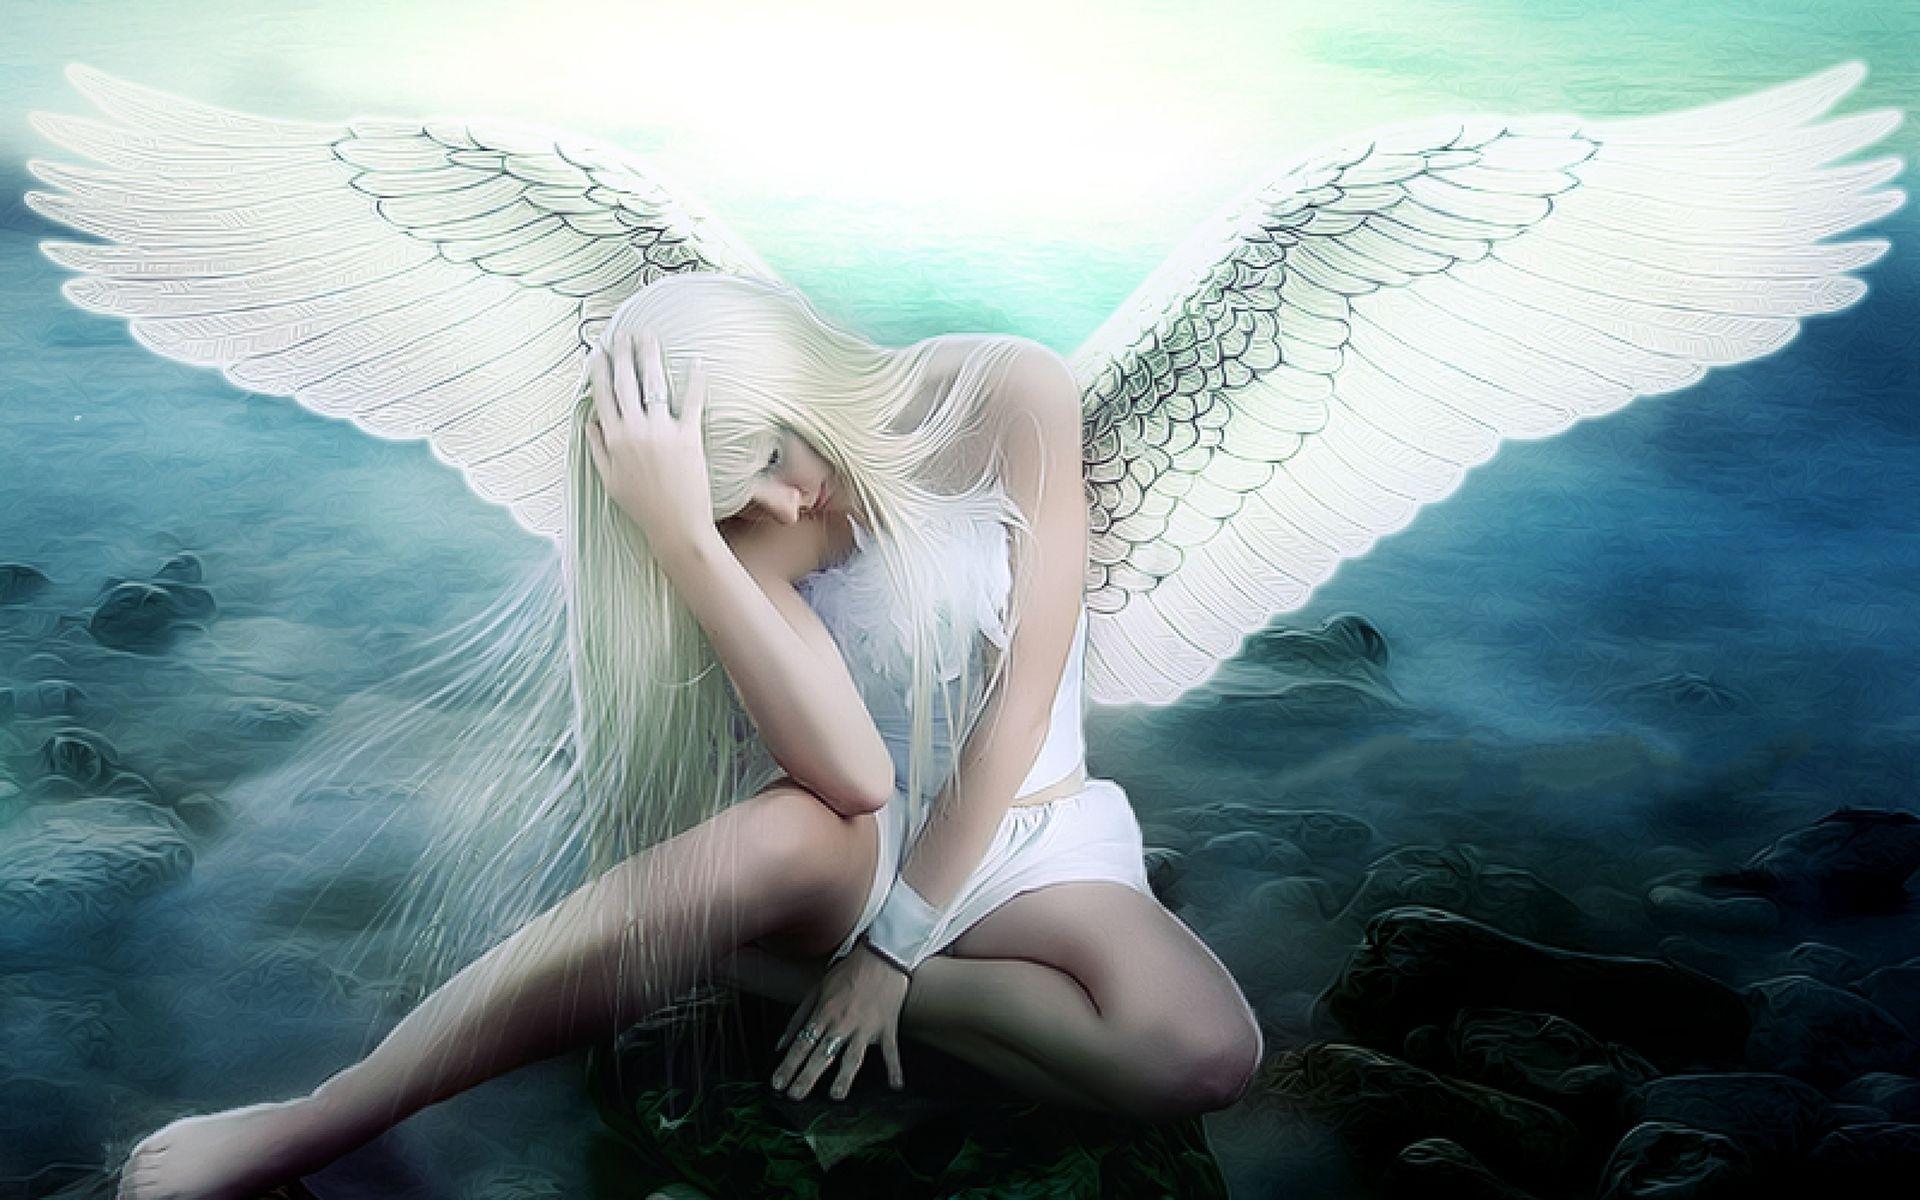 Ангелы девушки картинки красивые, субботы